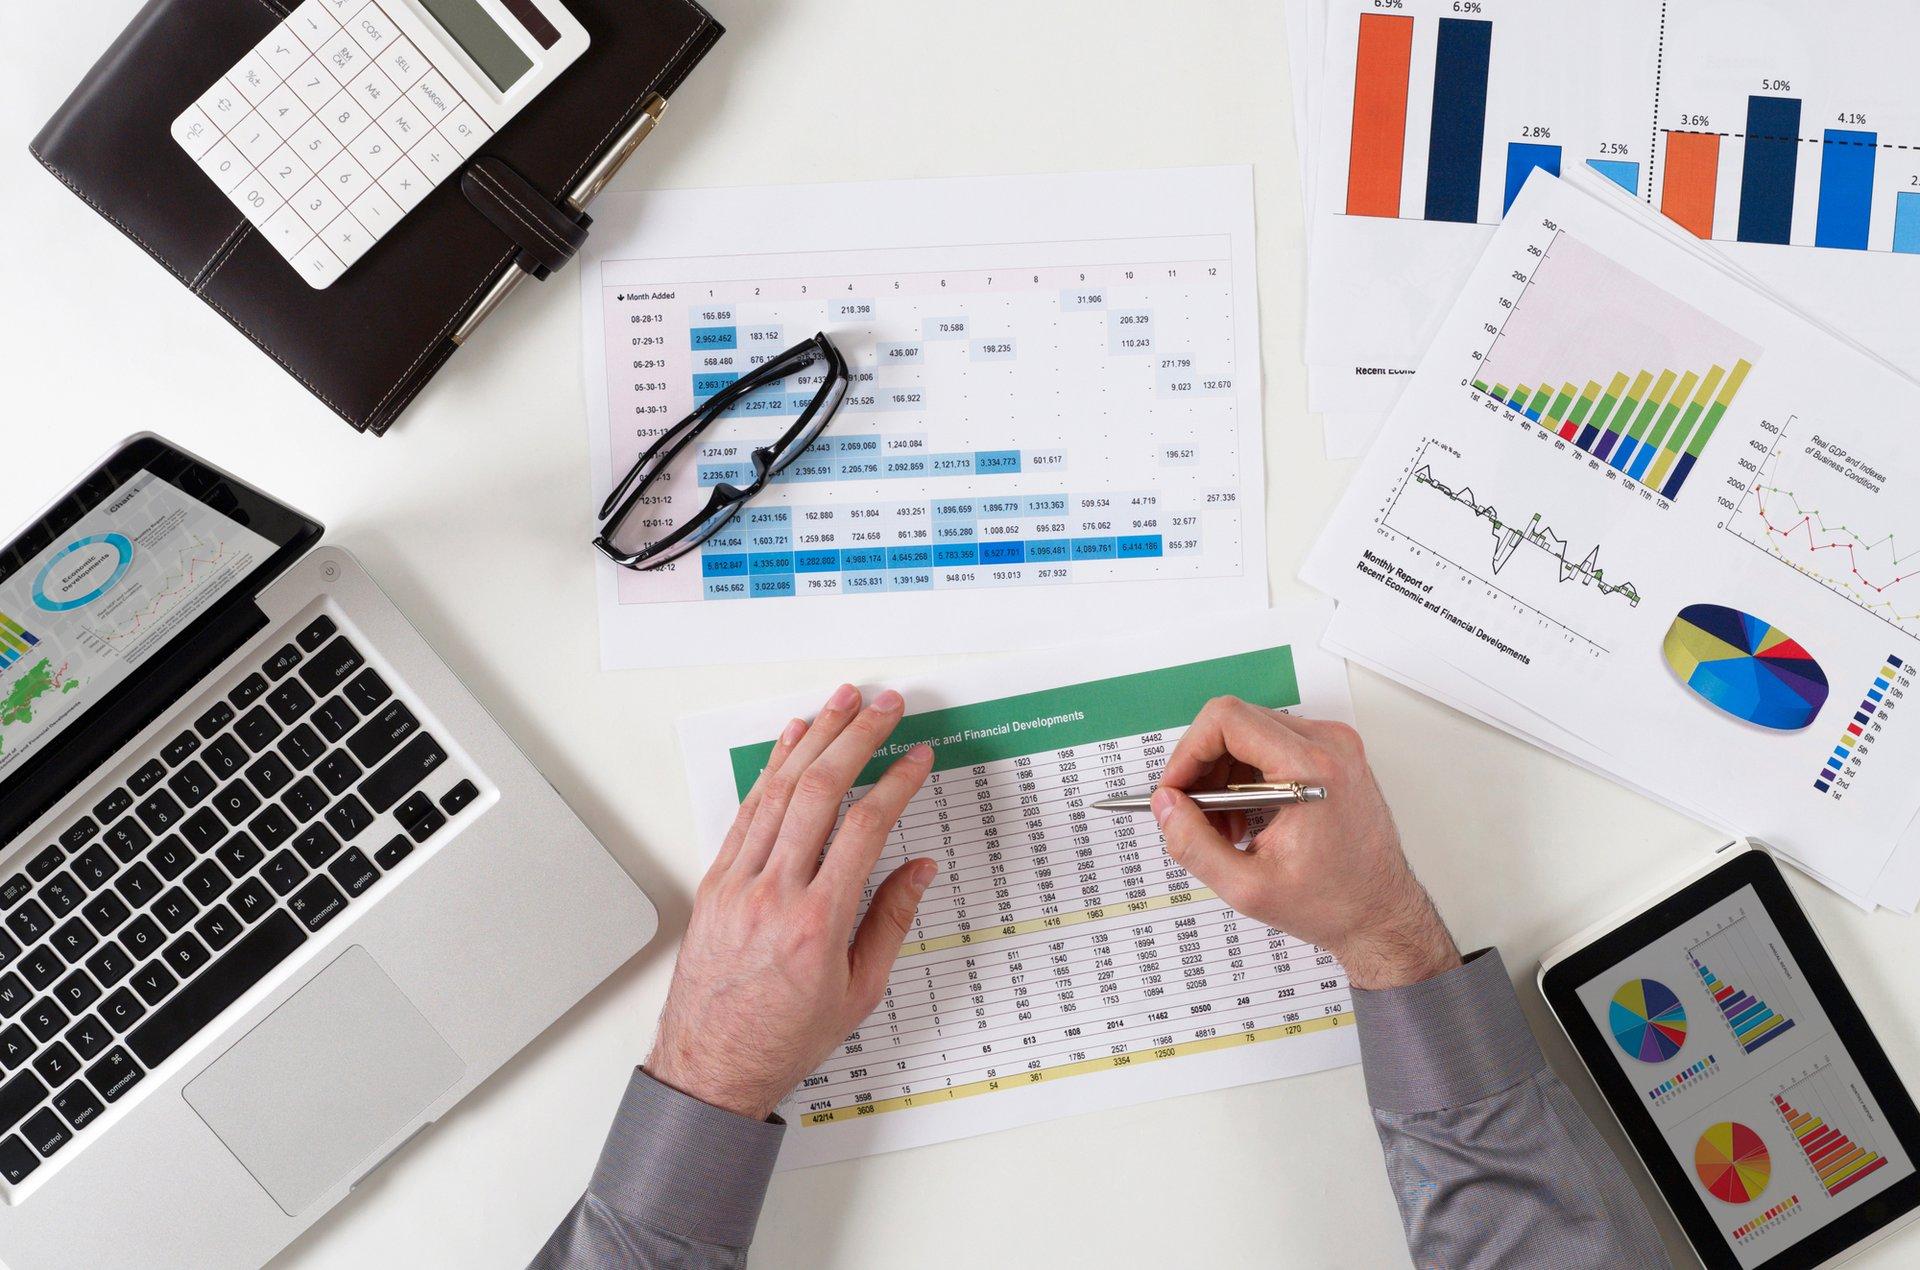 كيف تتكيف مع عملك وإدارة فريقك من المنزل باستخدام تخطيط موارد المؤسسات؟